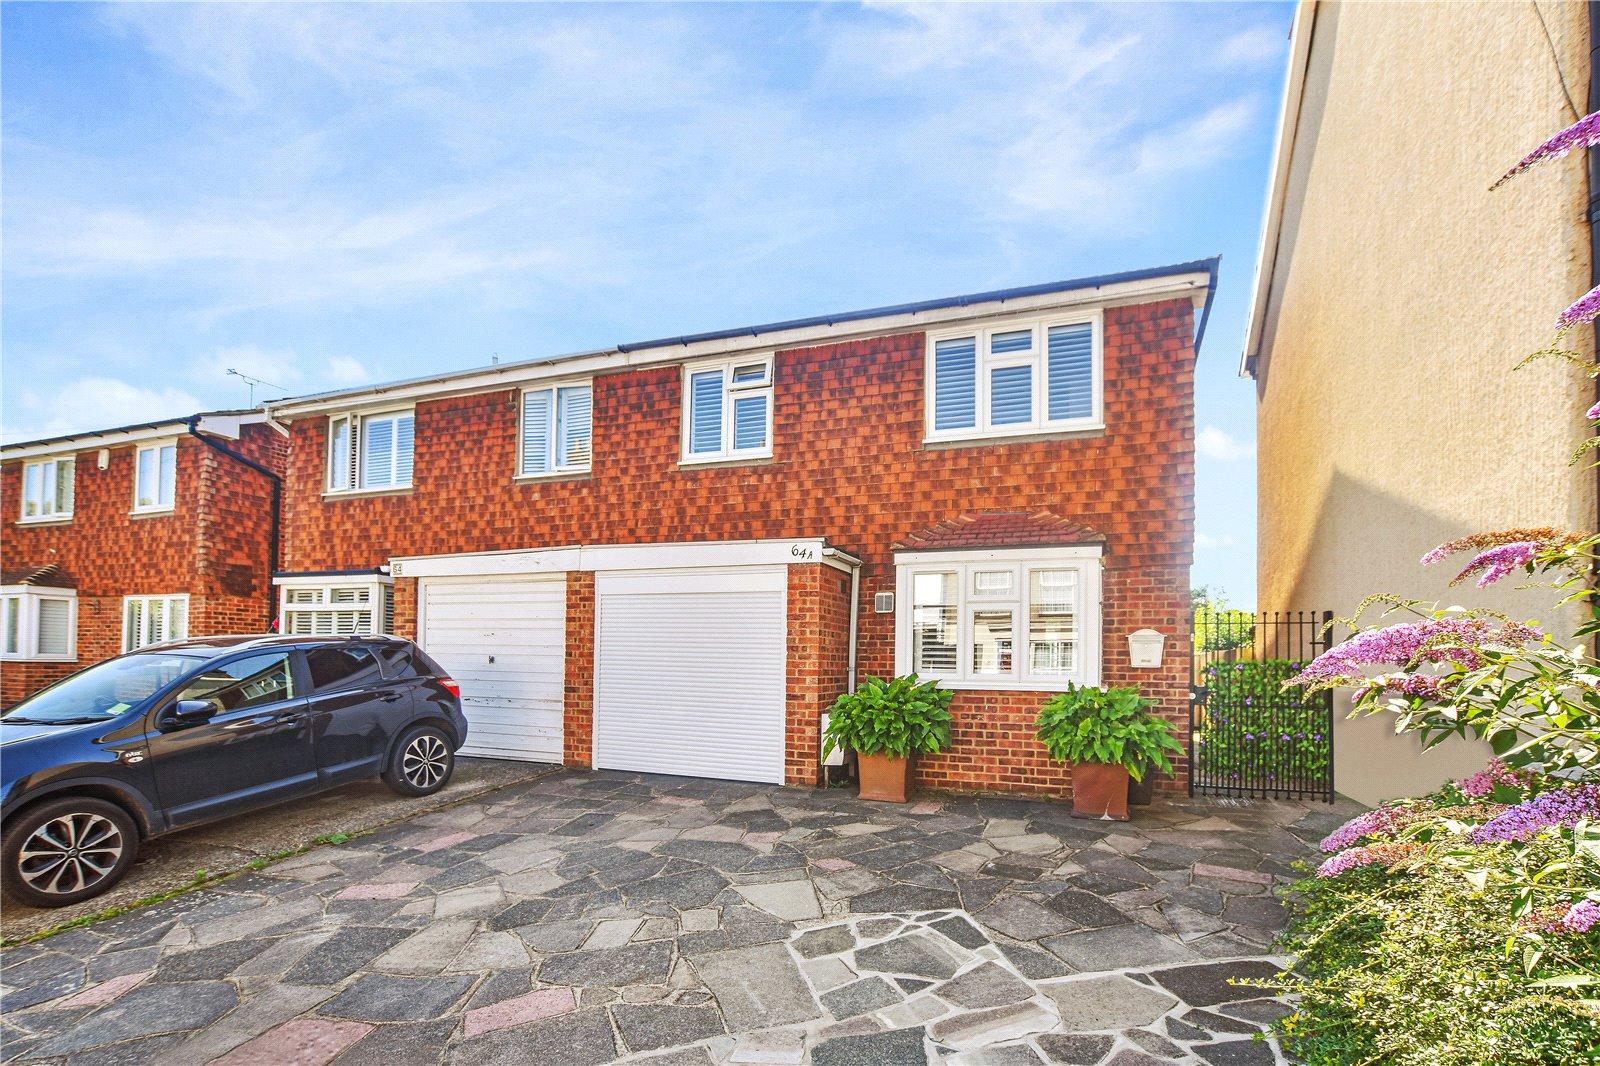 Albert Road, Bexley Village, Kent, DA5